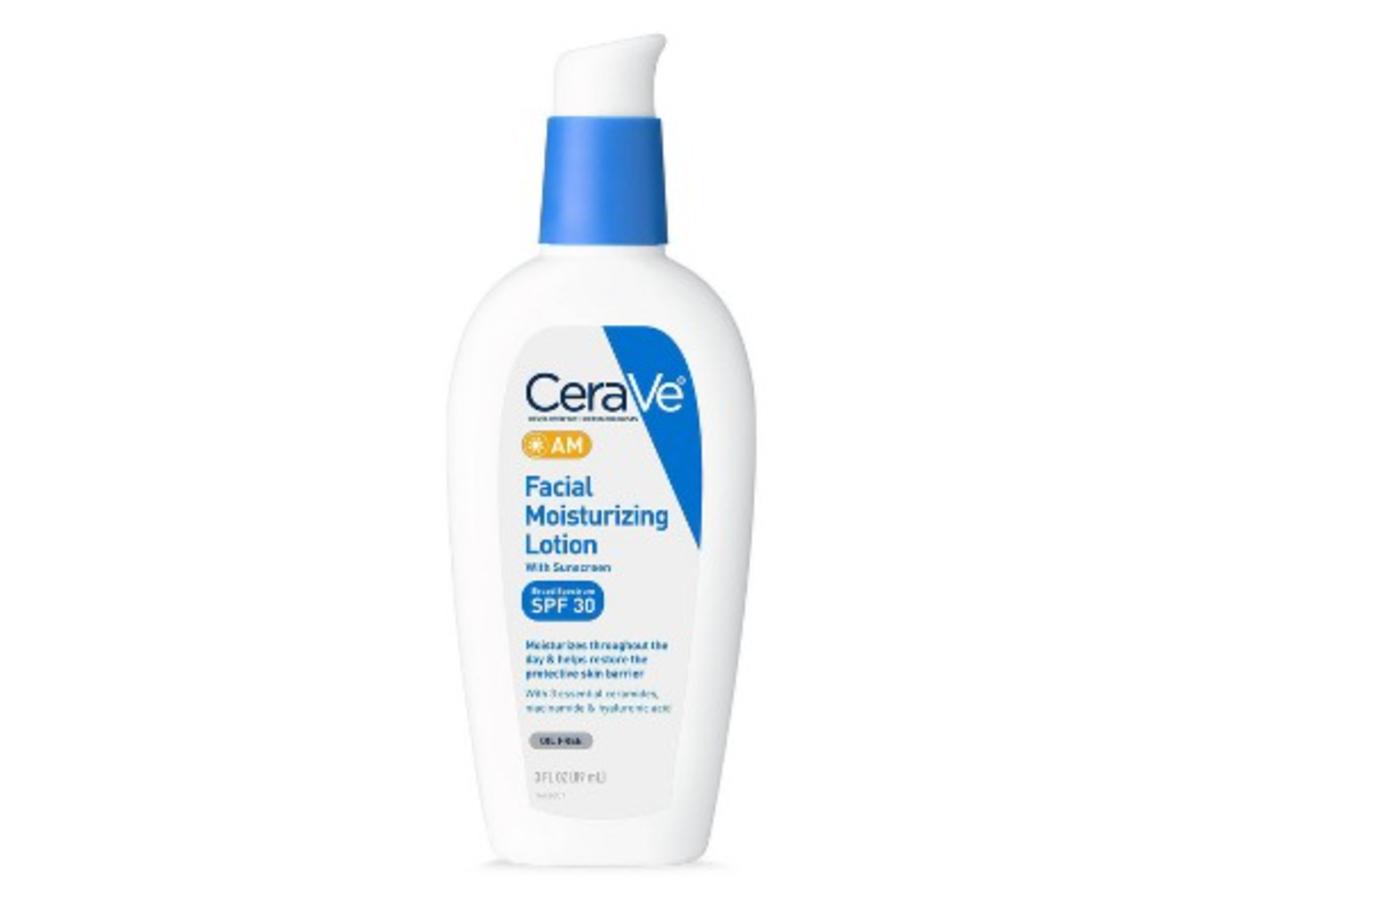 cerave skin-care routine